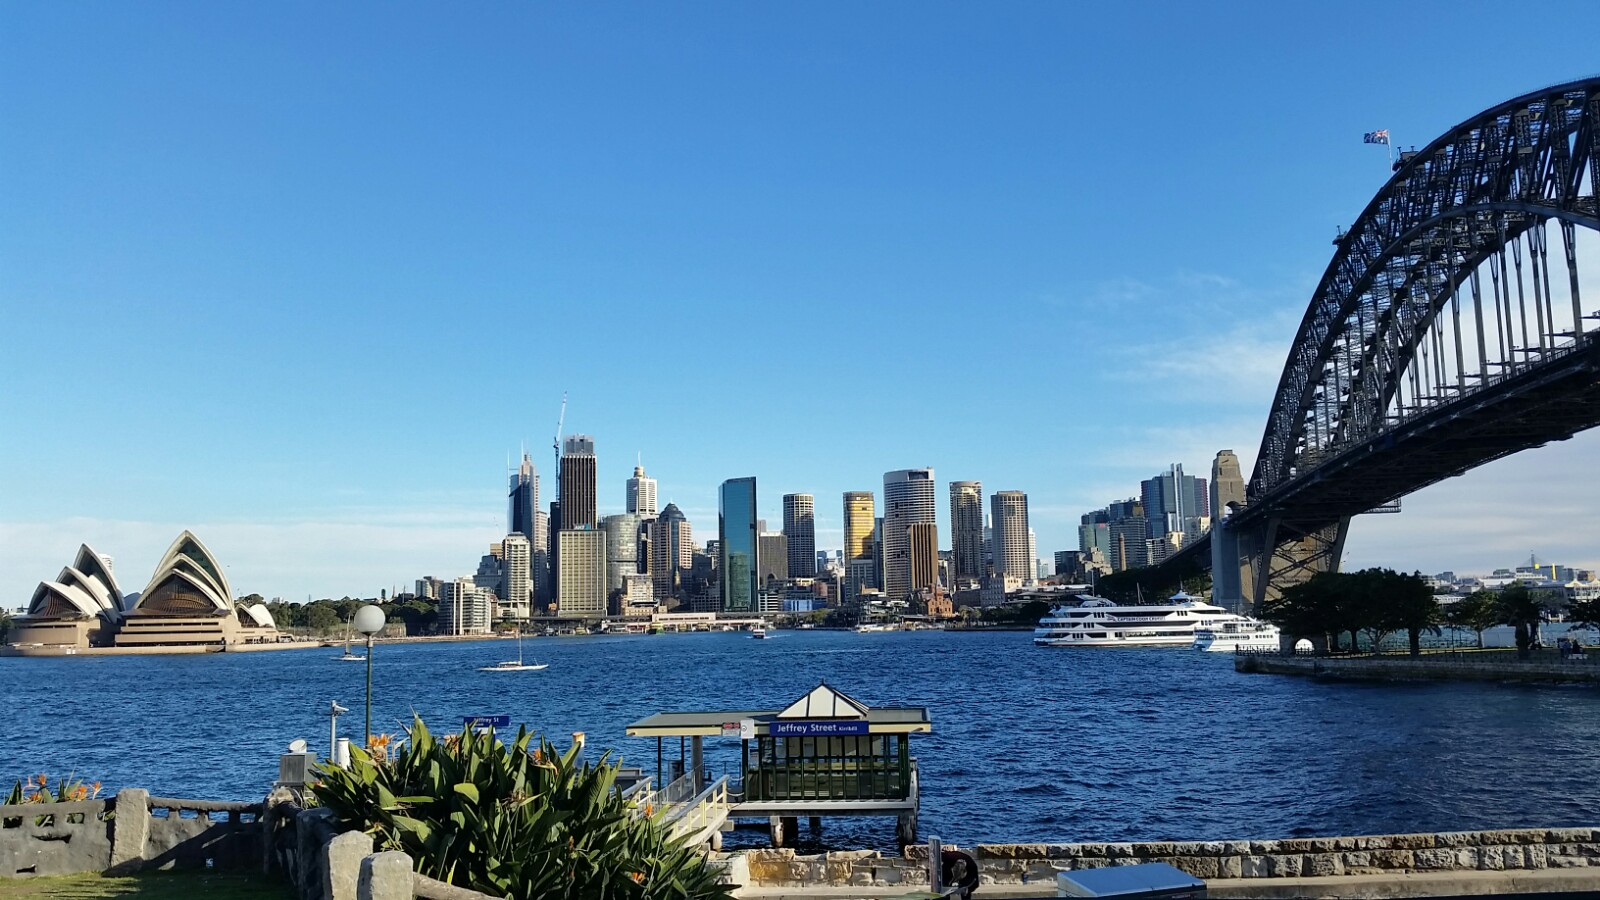 NSW州は移民を減らす?